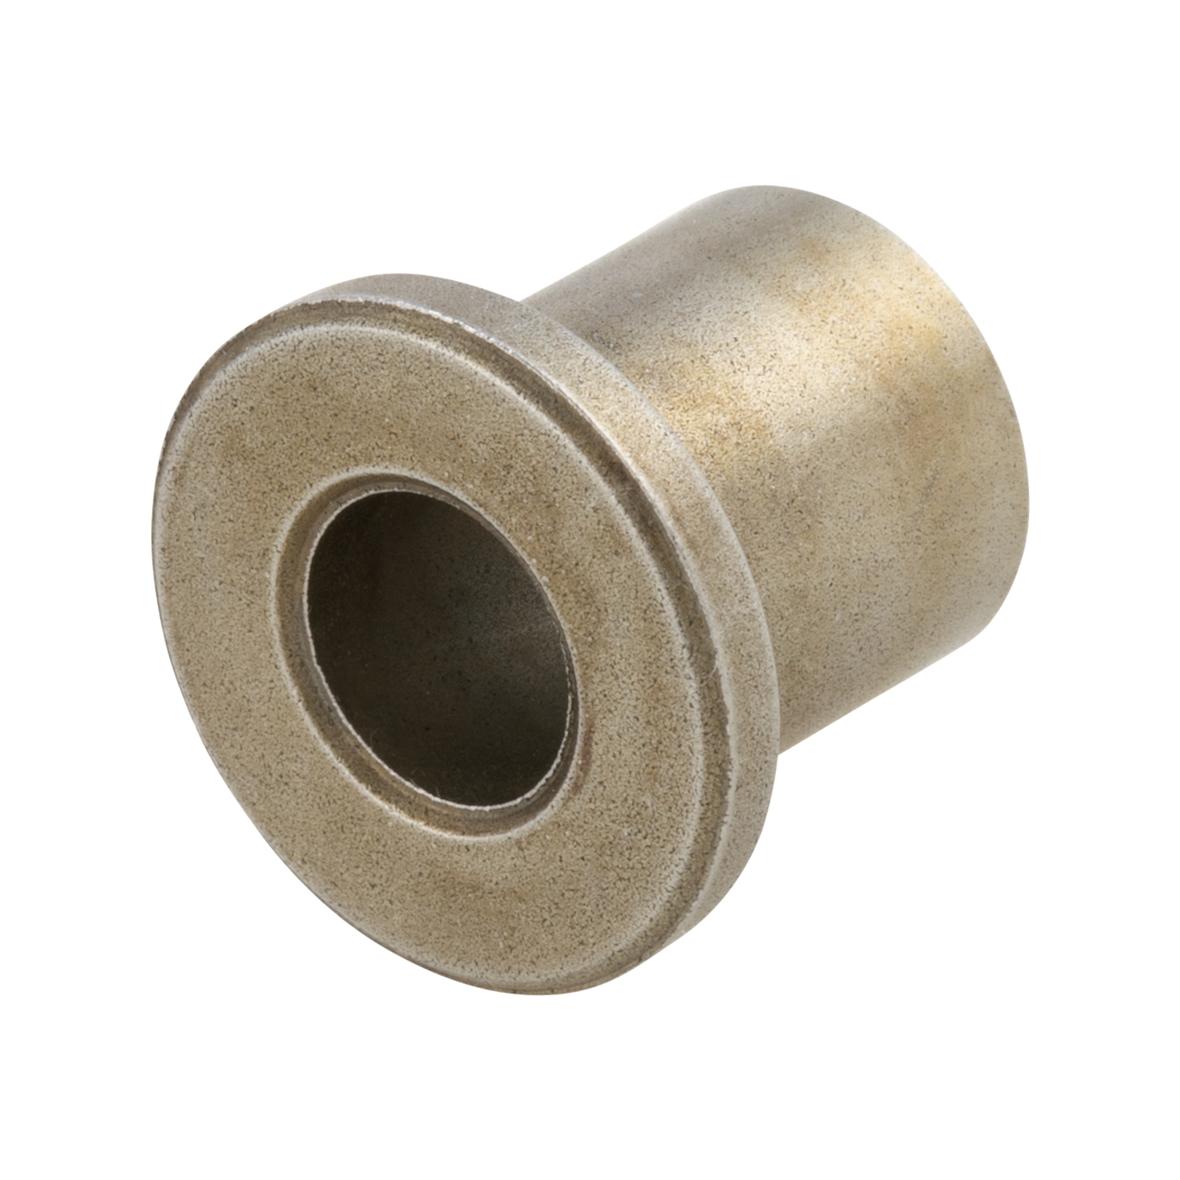 Image du produit 'Pièce d'écartement glissière chaîne de positionnement de vannes, PIAGGIO'